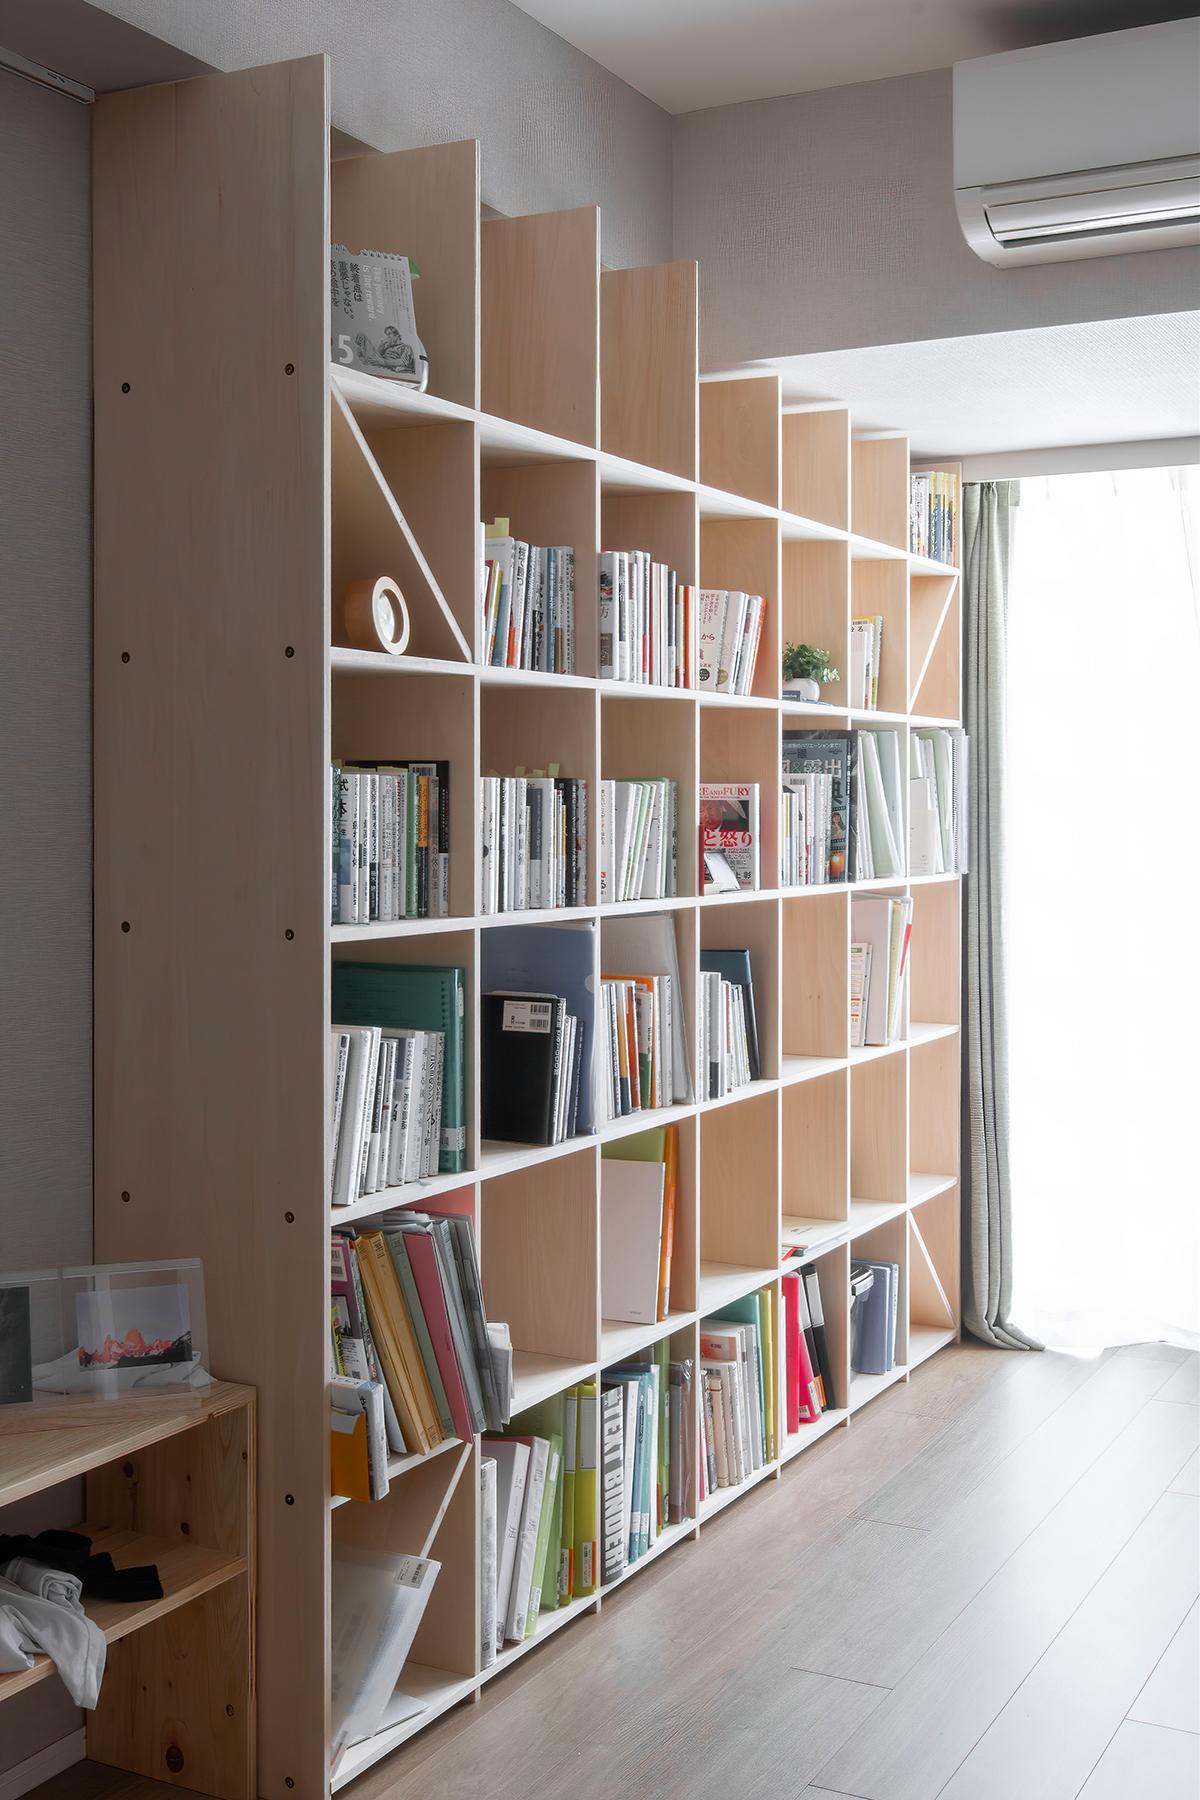 壁一面の本棚と並ぶスタンディングデスク